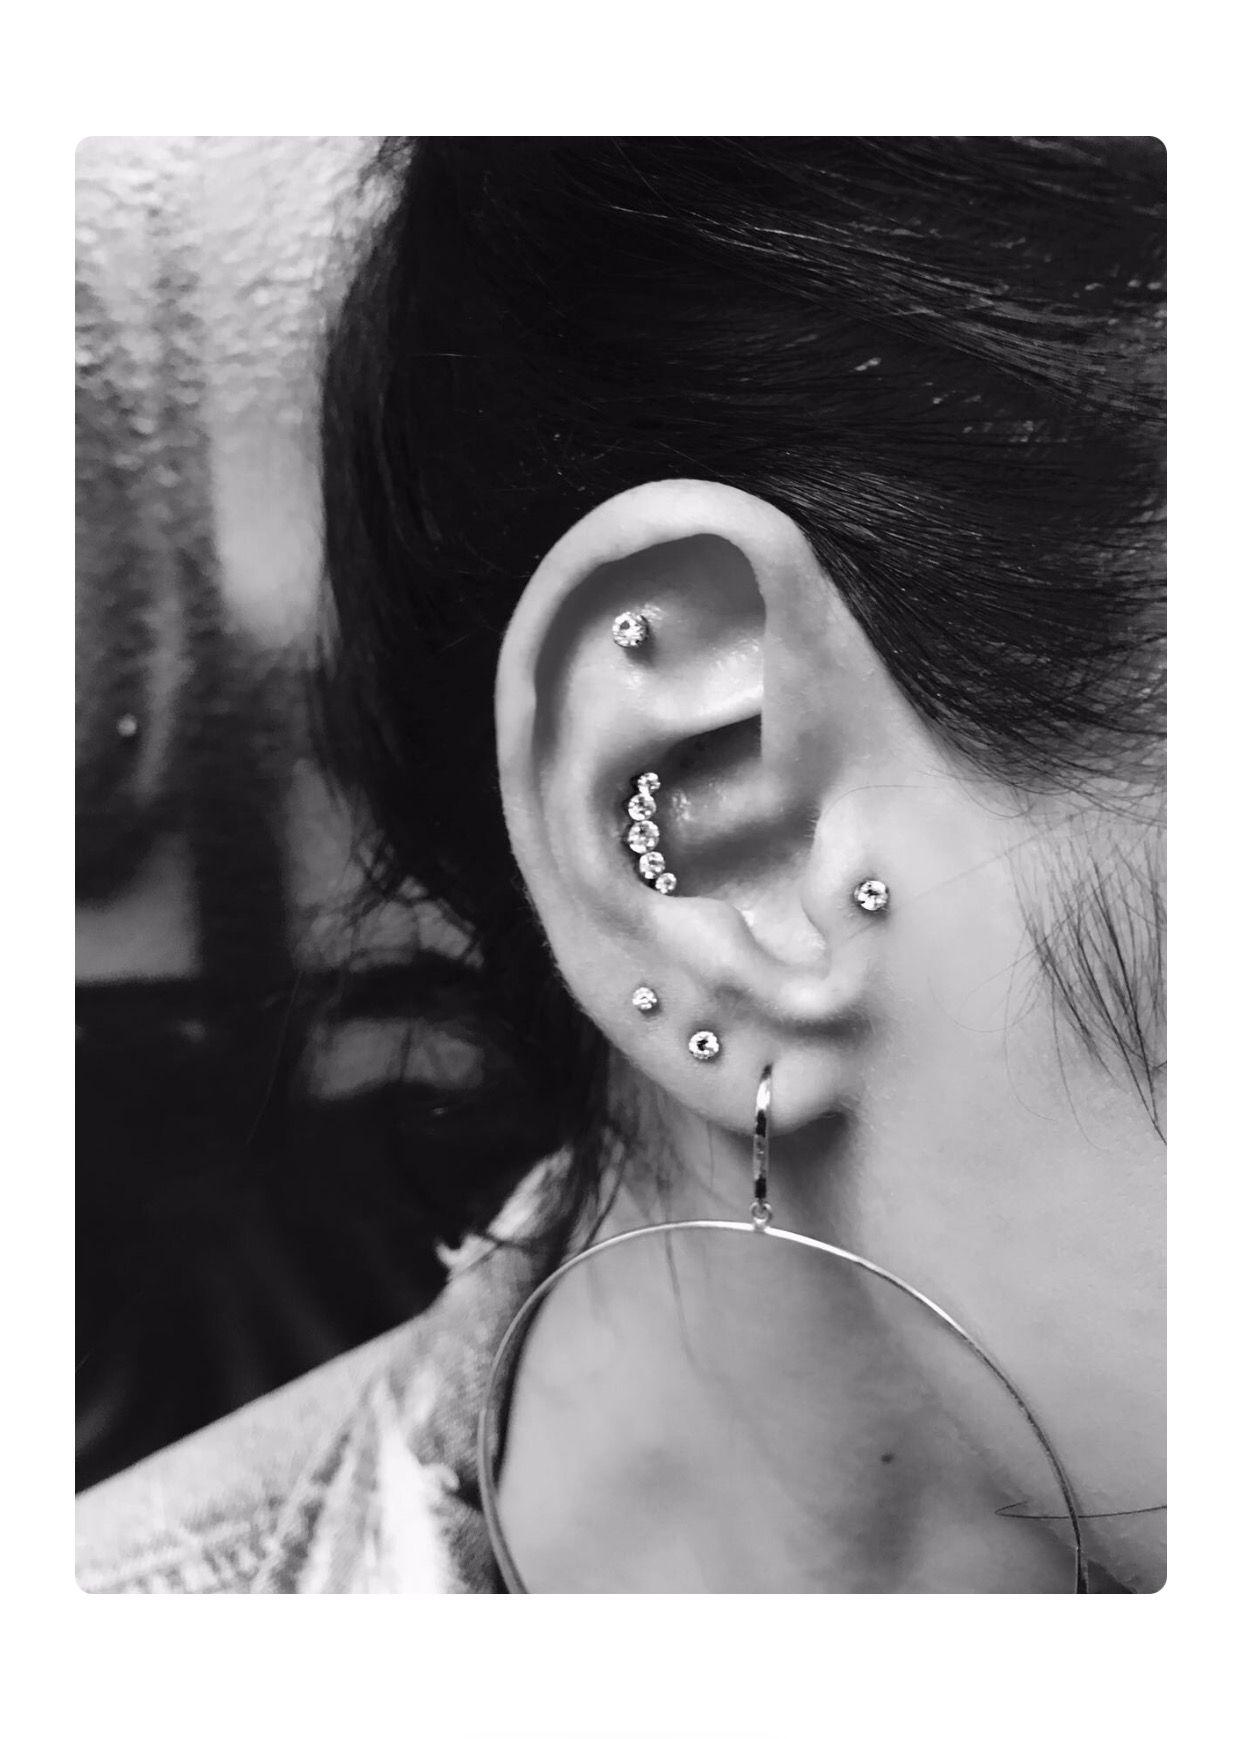 Jaclyn Hill Ear Piercings Cool Stuff In 2019 Piercings New Ear